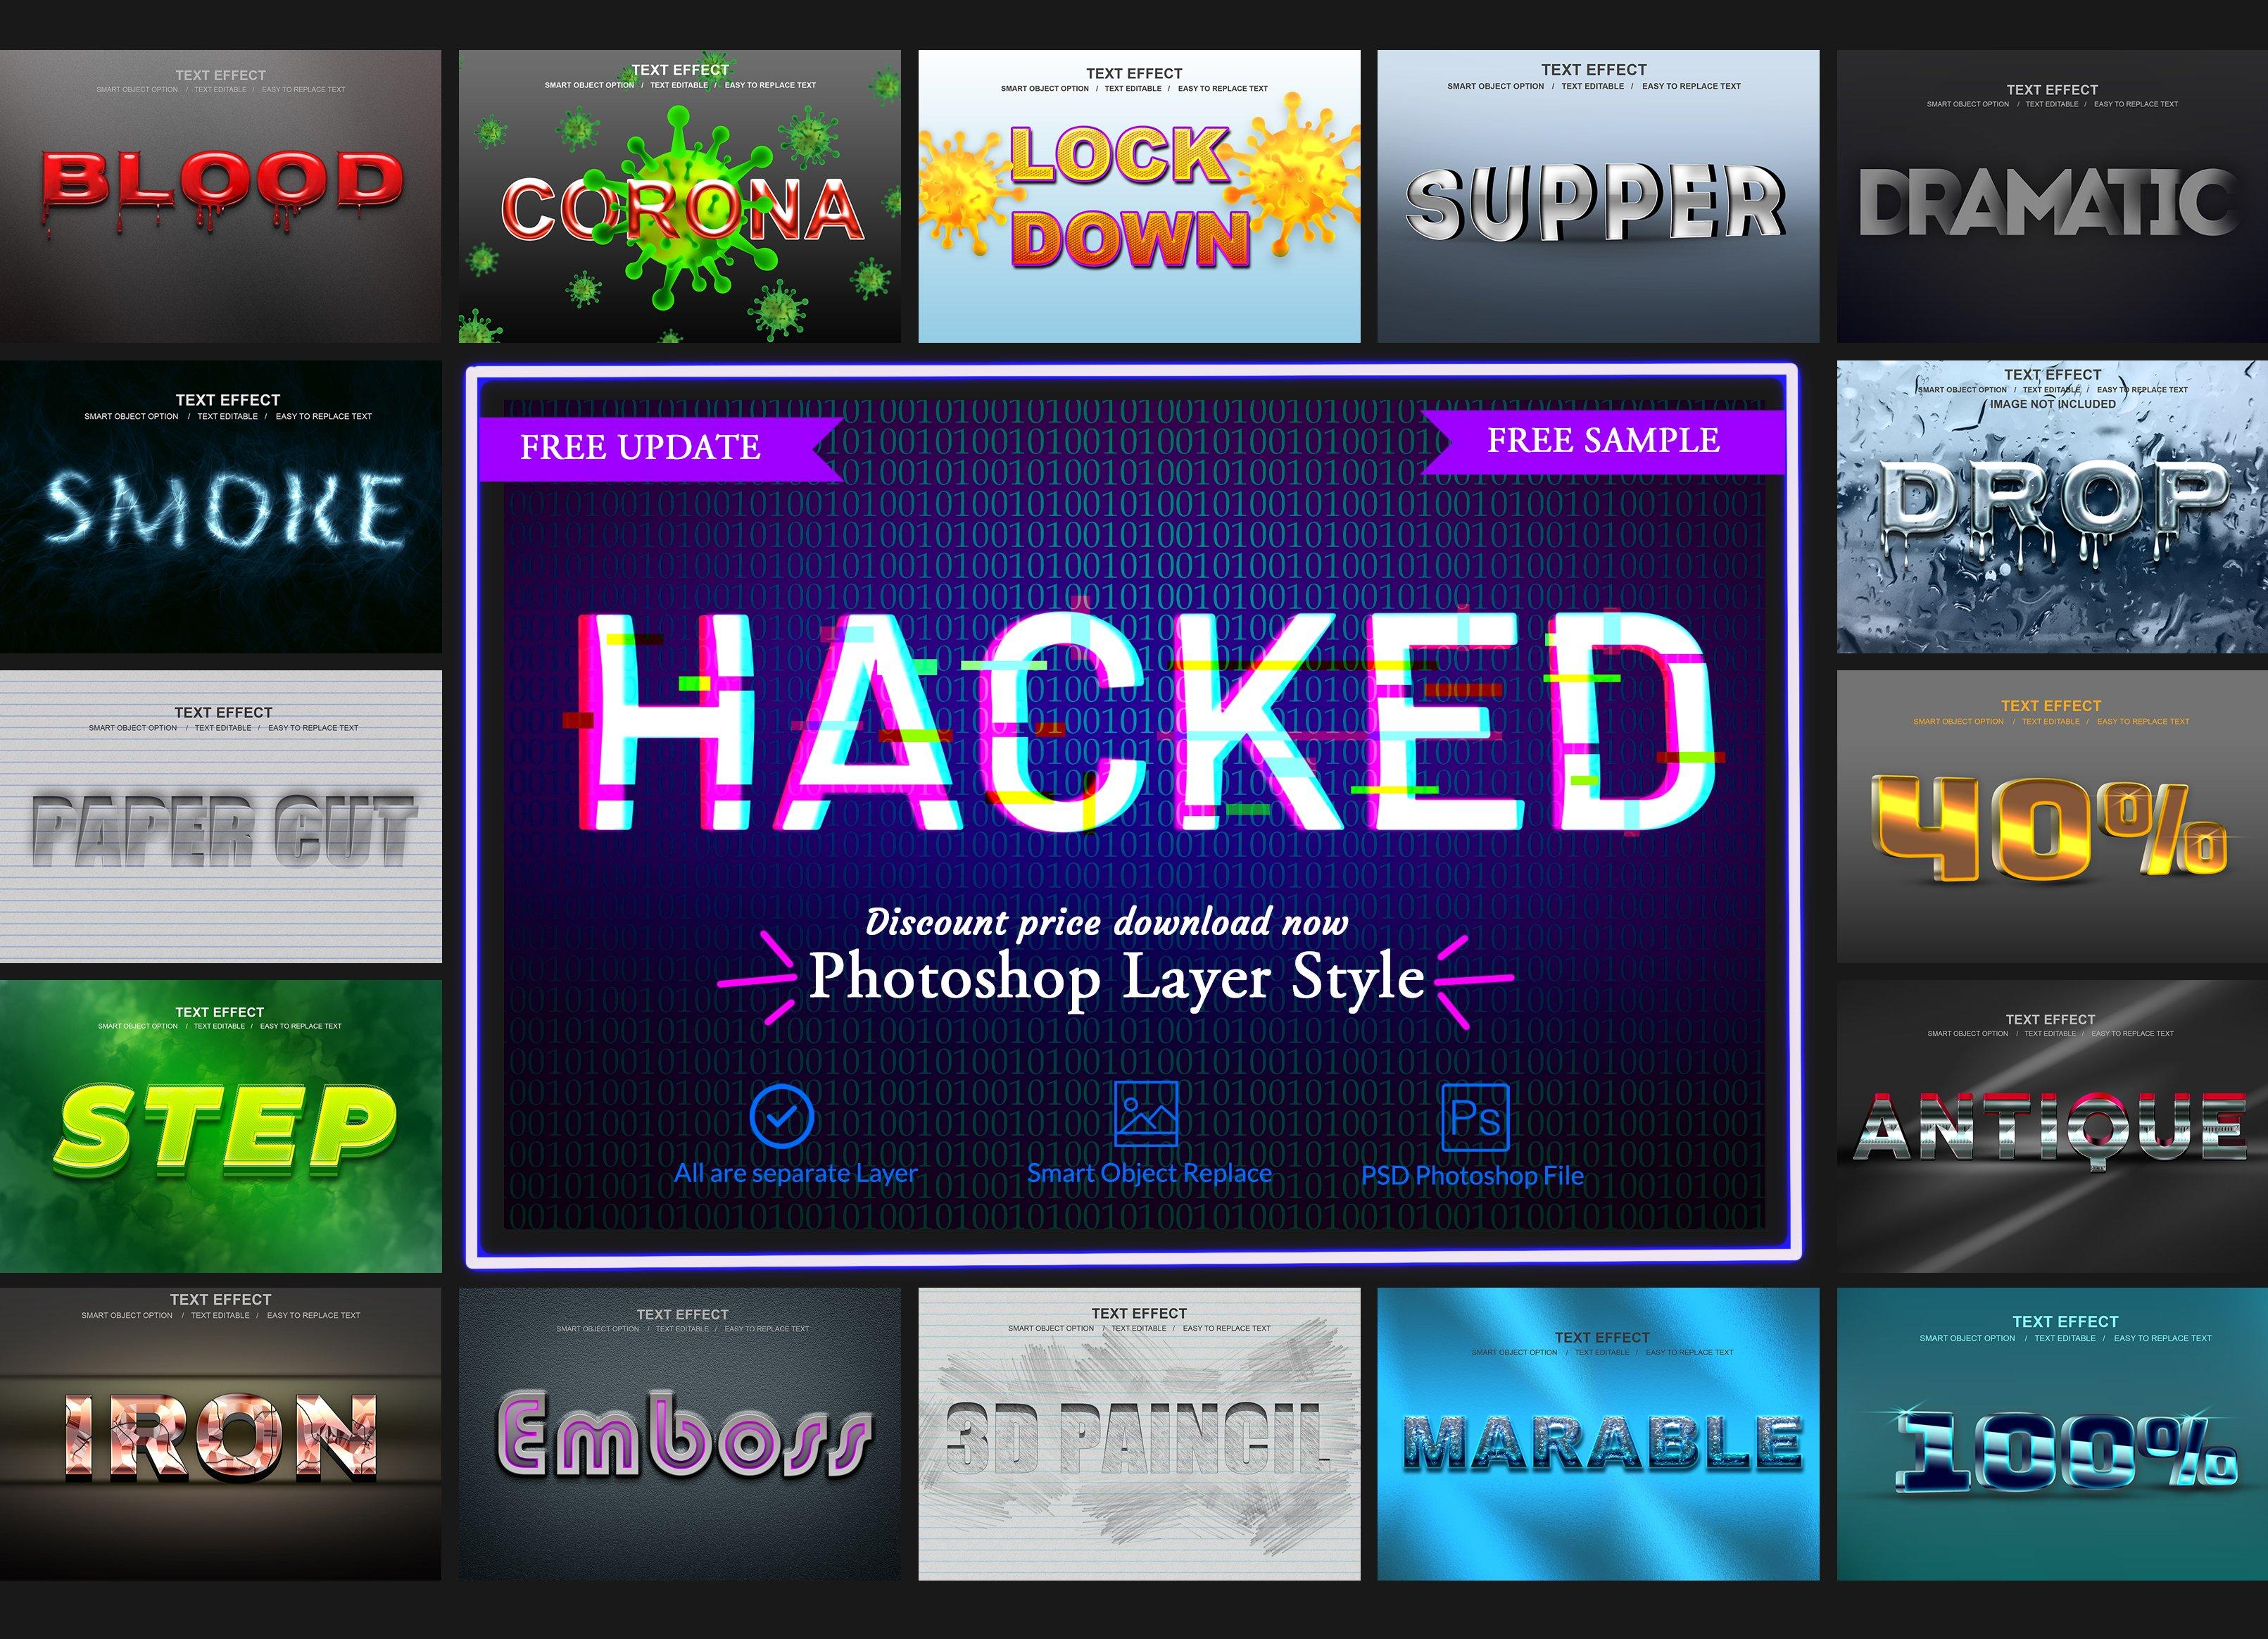 30款故障金属3D立体标题字体设计PS样式模板素材 Photoshop Layer Style Bundle插图